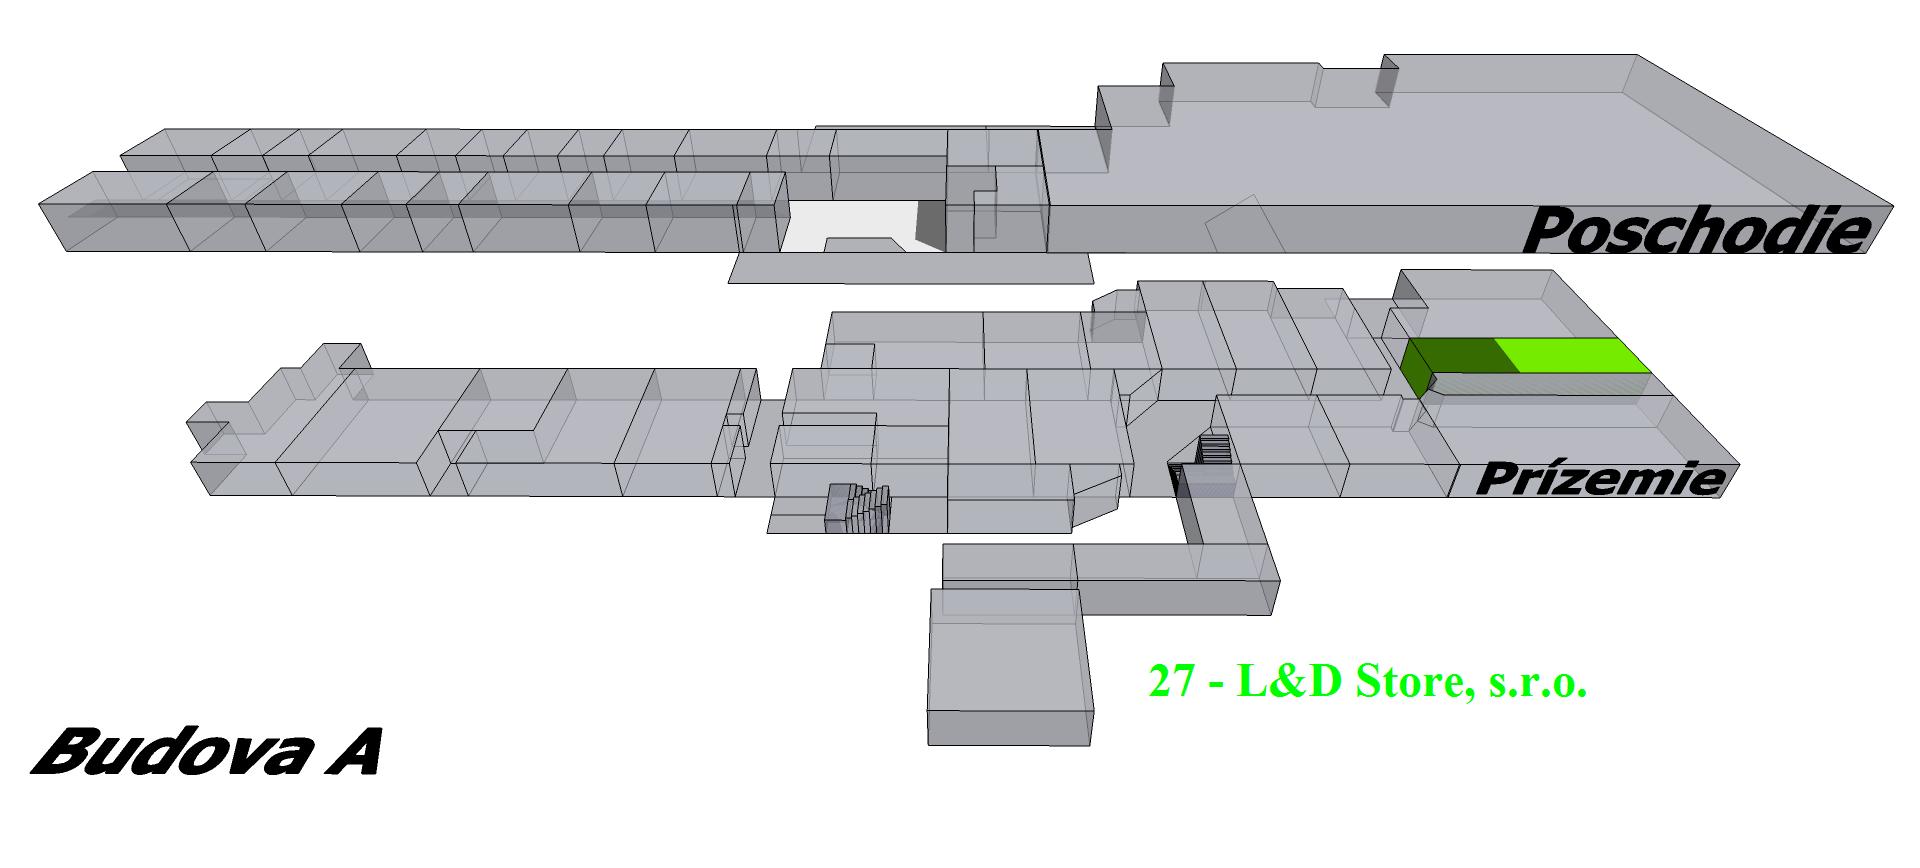 27_L&D_Store,_s.r.o._budova_A_prízemie_s_u